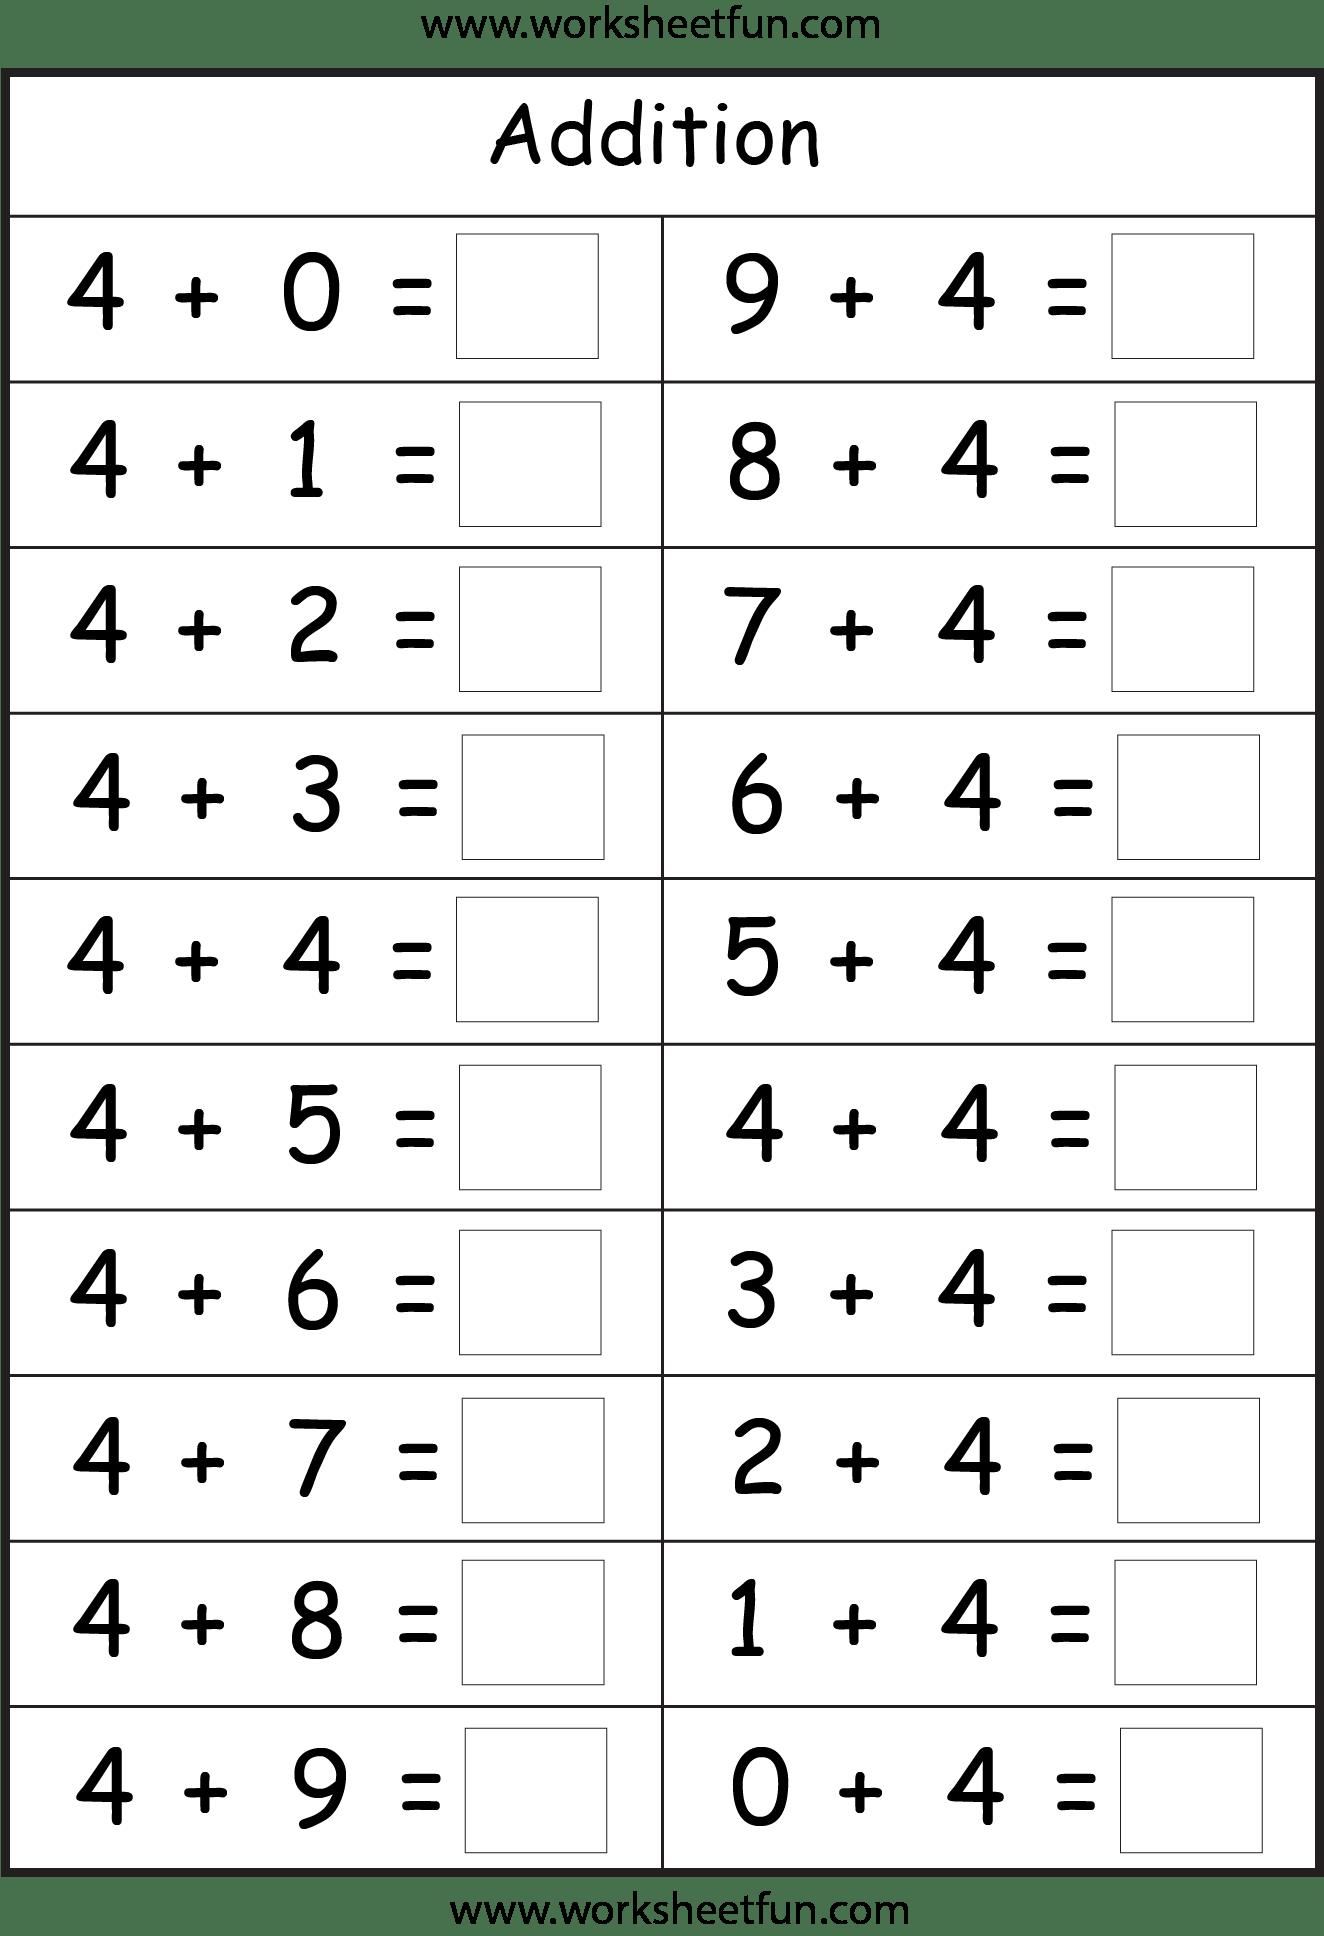 Missing Addend Worksheet For First Grade